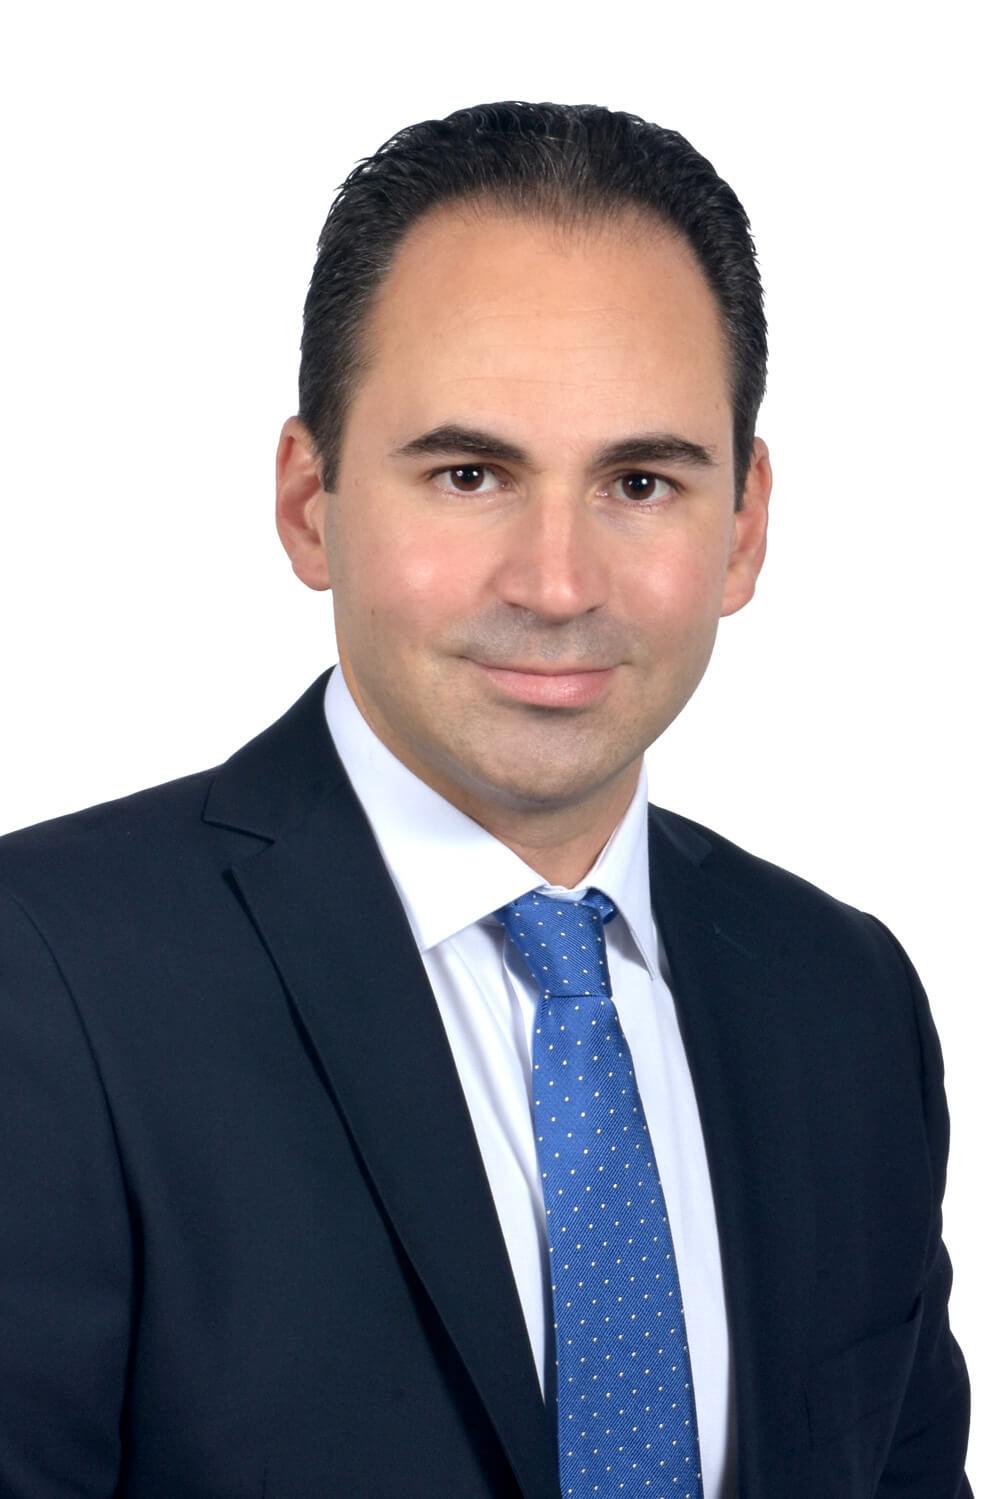 Κανέλλος Δημήτριος Χειρουργός Θεσσαλονίκη